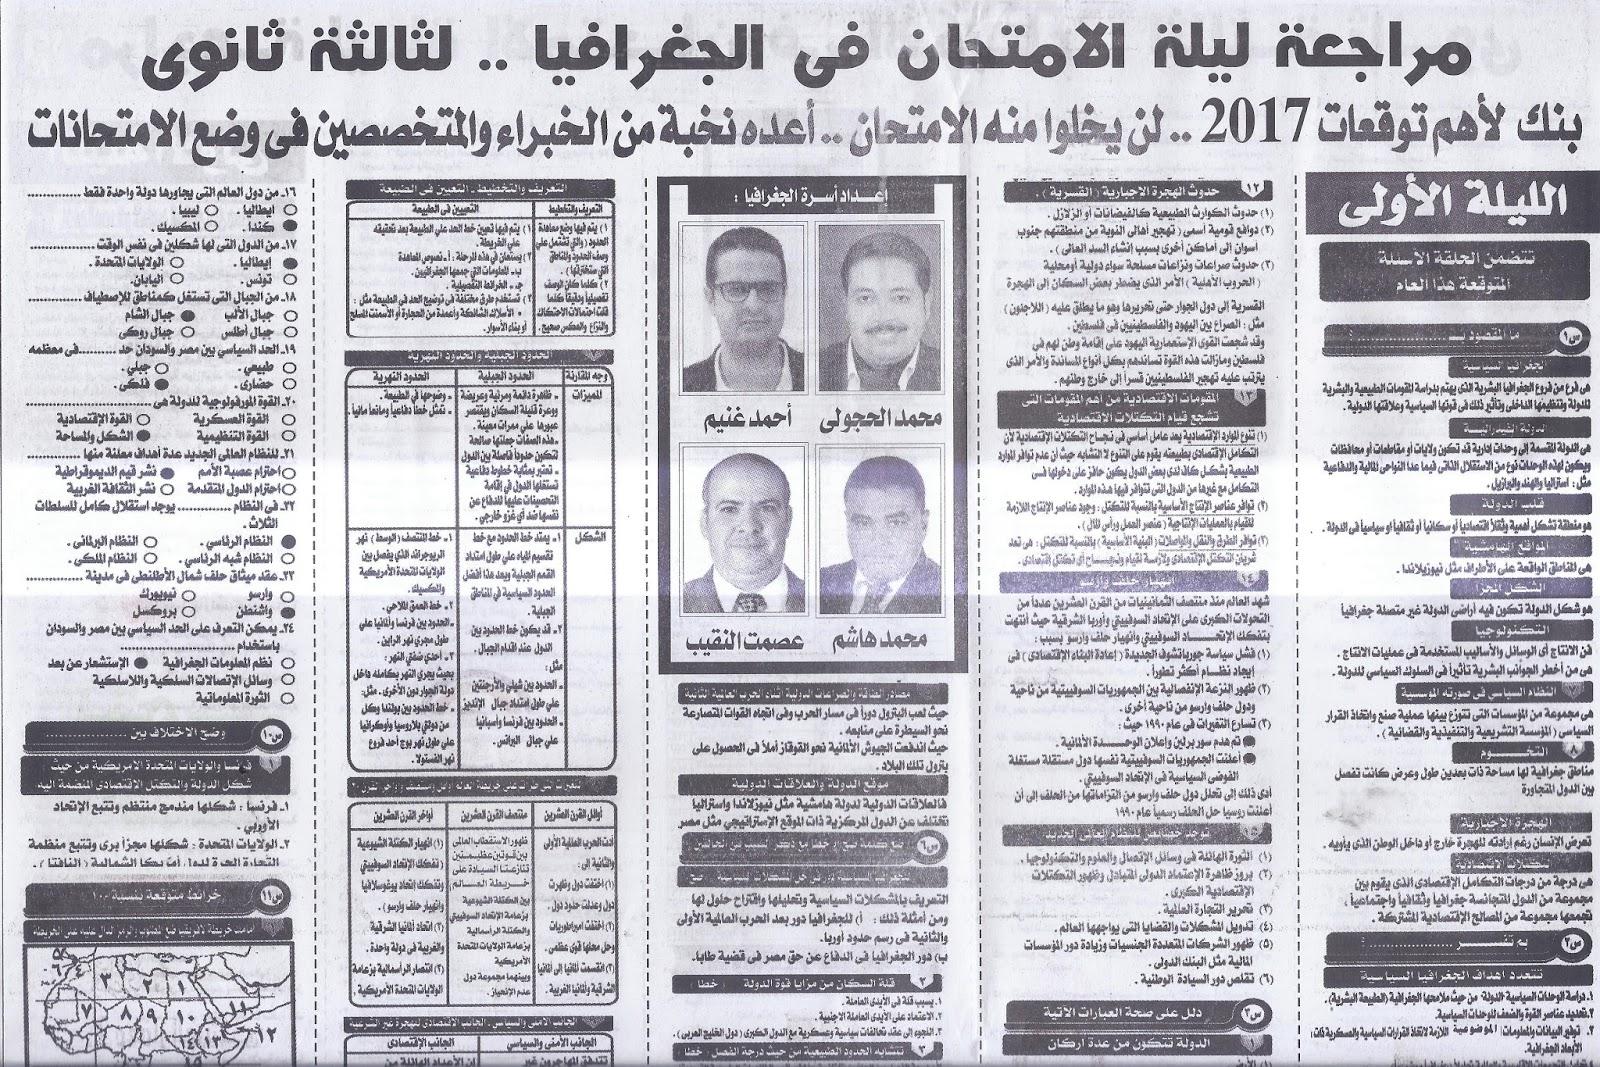 اهم توقعات امتحان الجغرافيا للثانوية العامة.. ملحق الجمهورية التعليمي 11 يونيو 2017 9